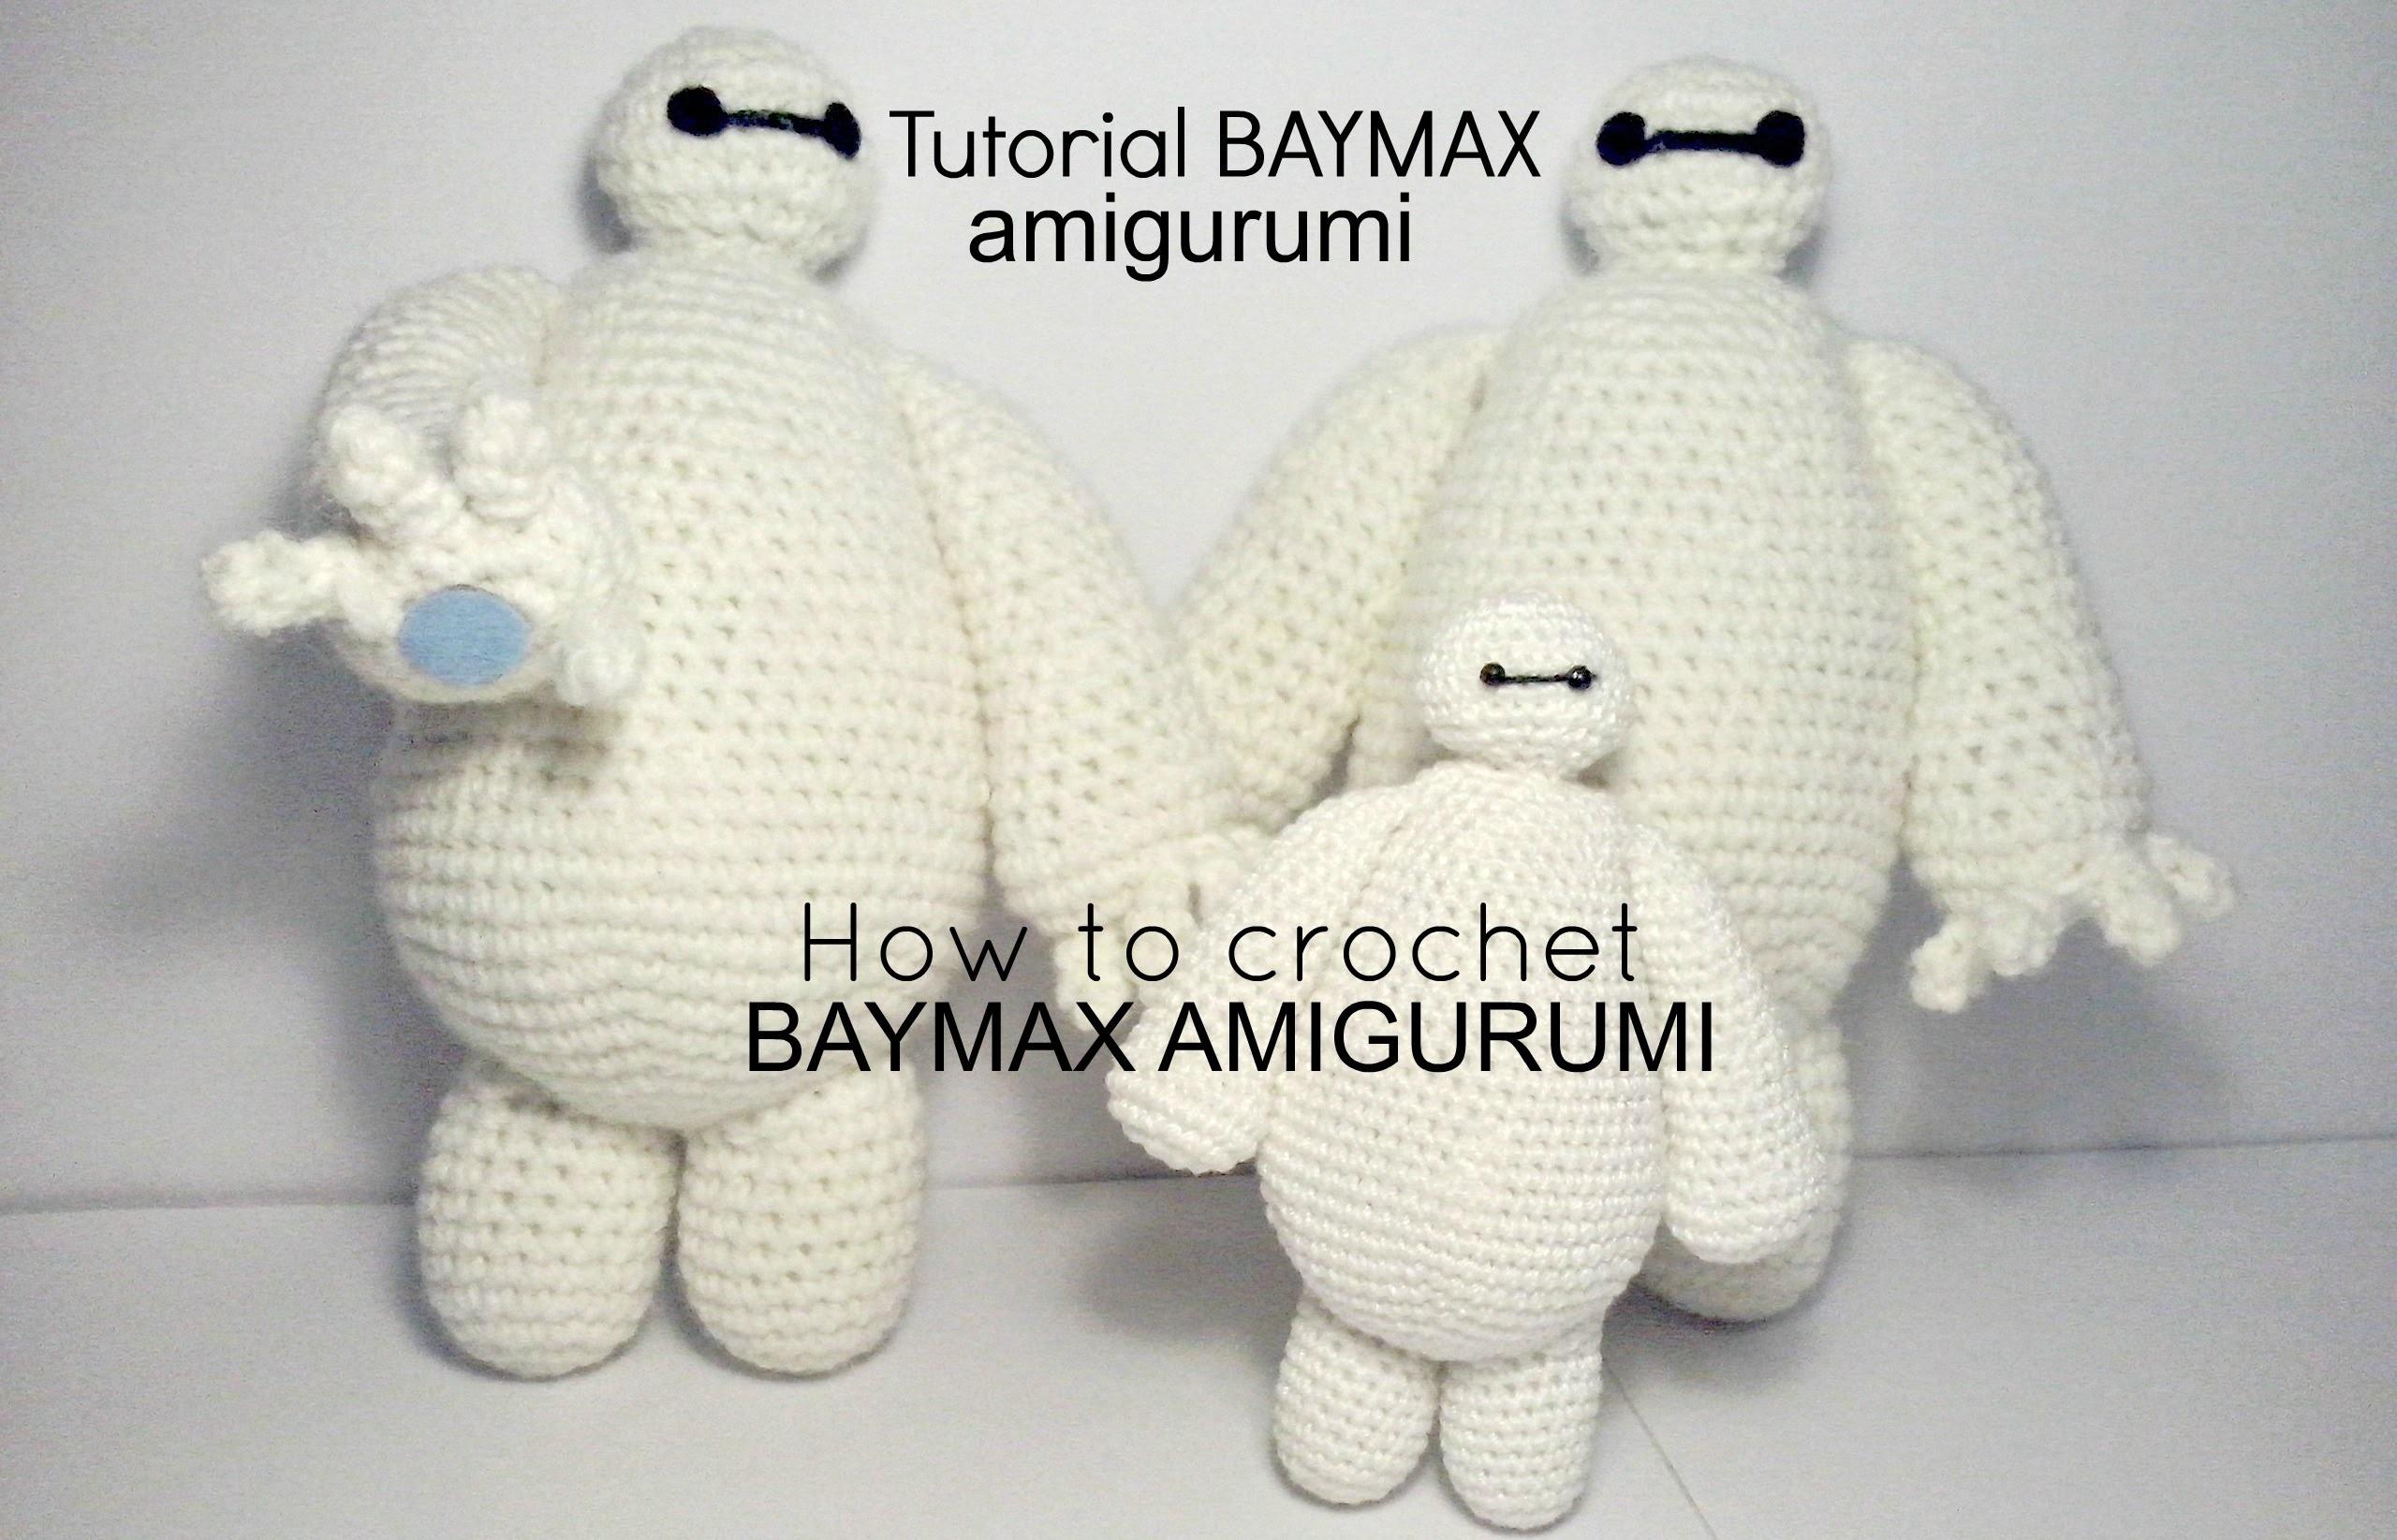 Tutorial BAYMAX big hero 6 | HOW TO CROCHET BAYMAX AMIGURUMI - PART III